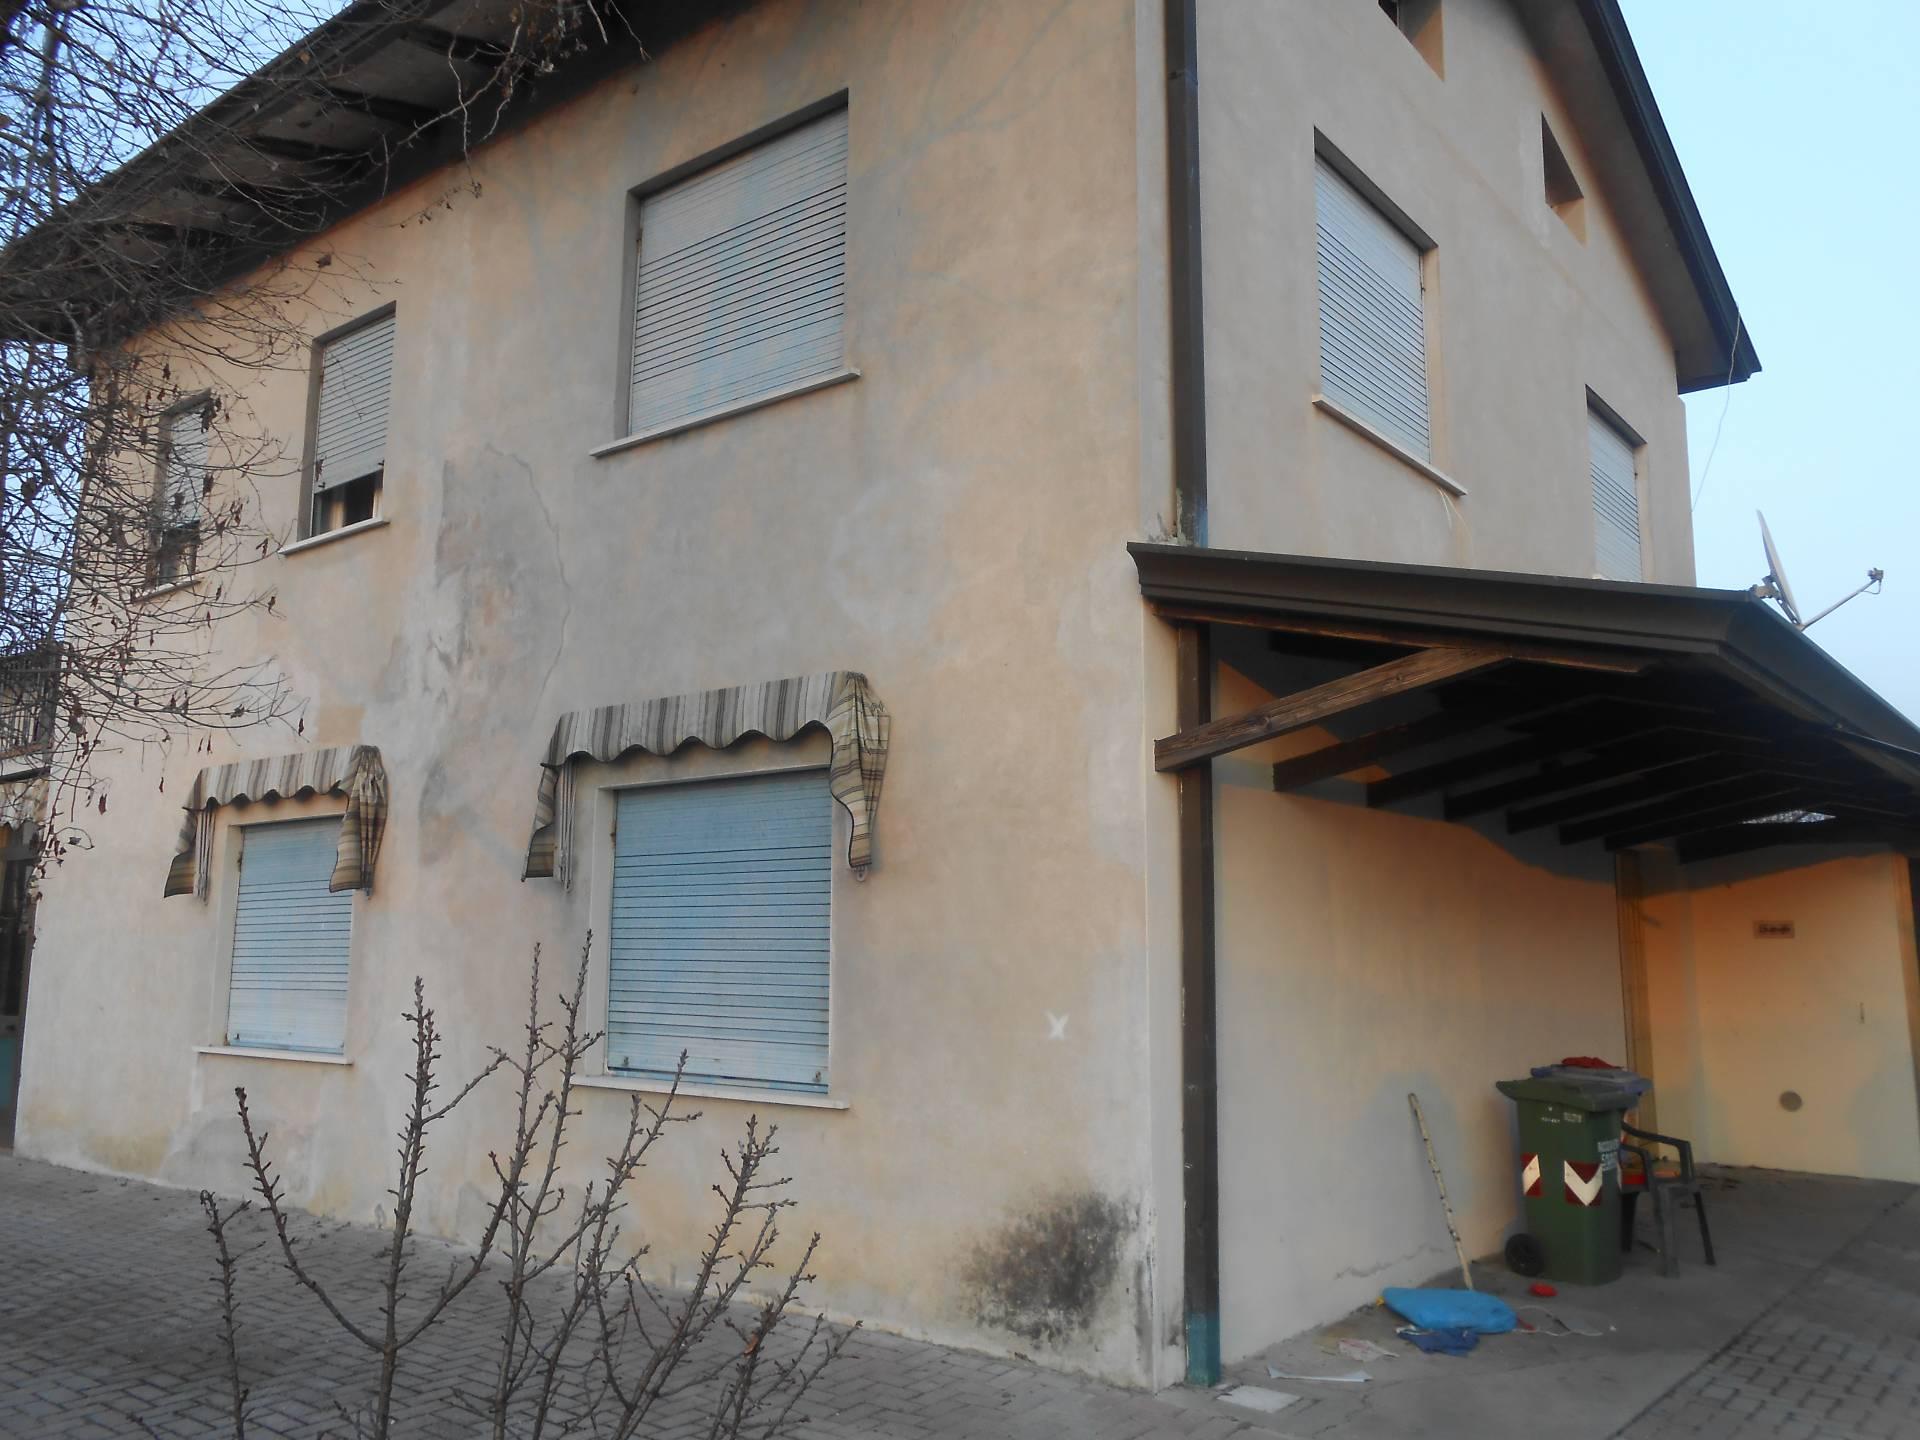 Soluzione Indipendente in vendita a Santa Lucia di Piave, 8 locali, zona Località: S.aLucia, prezzo € 130.000   Cambio Casa.it